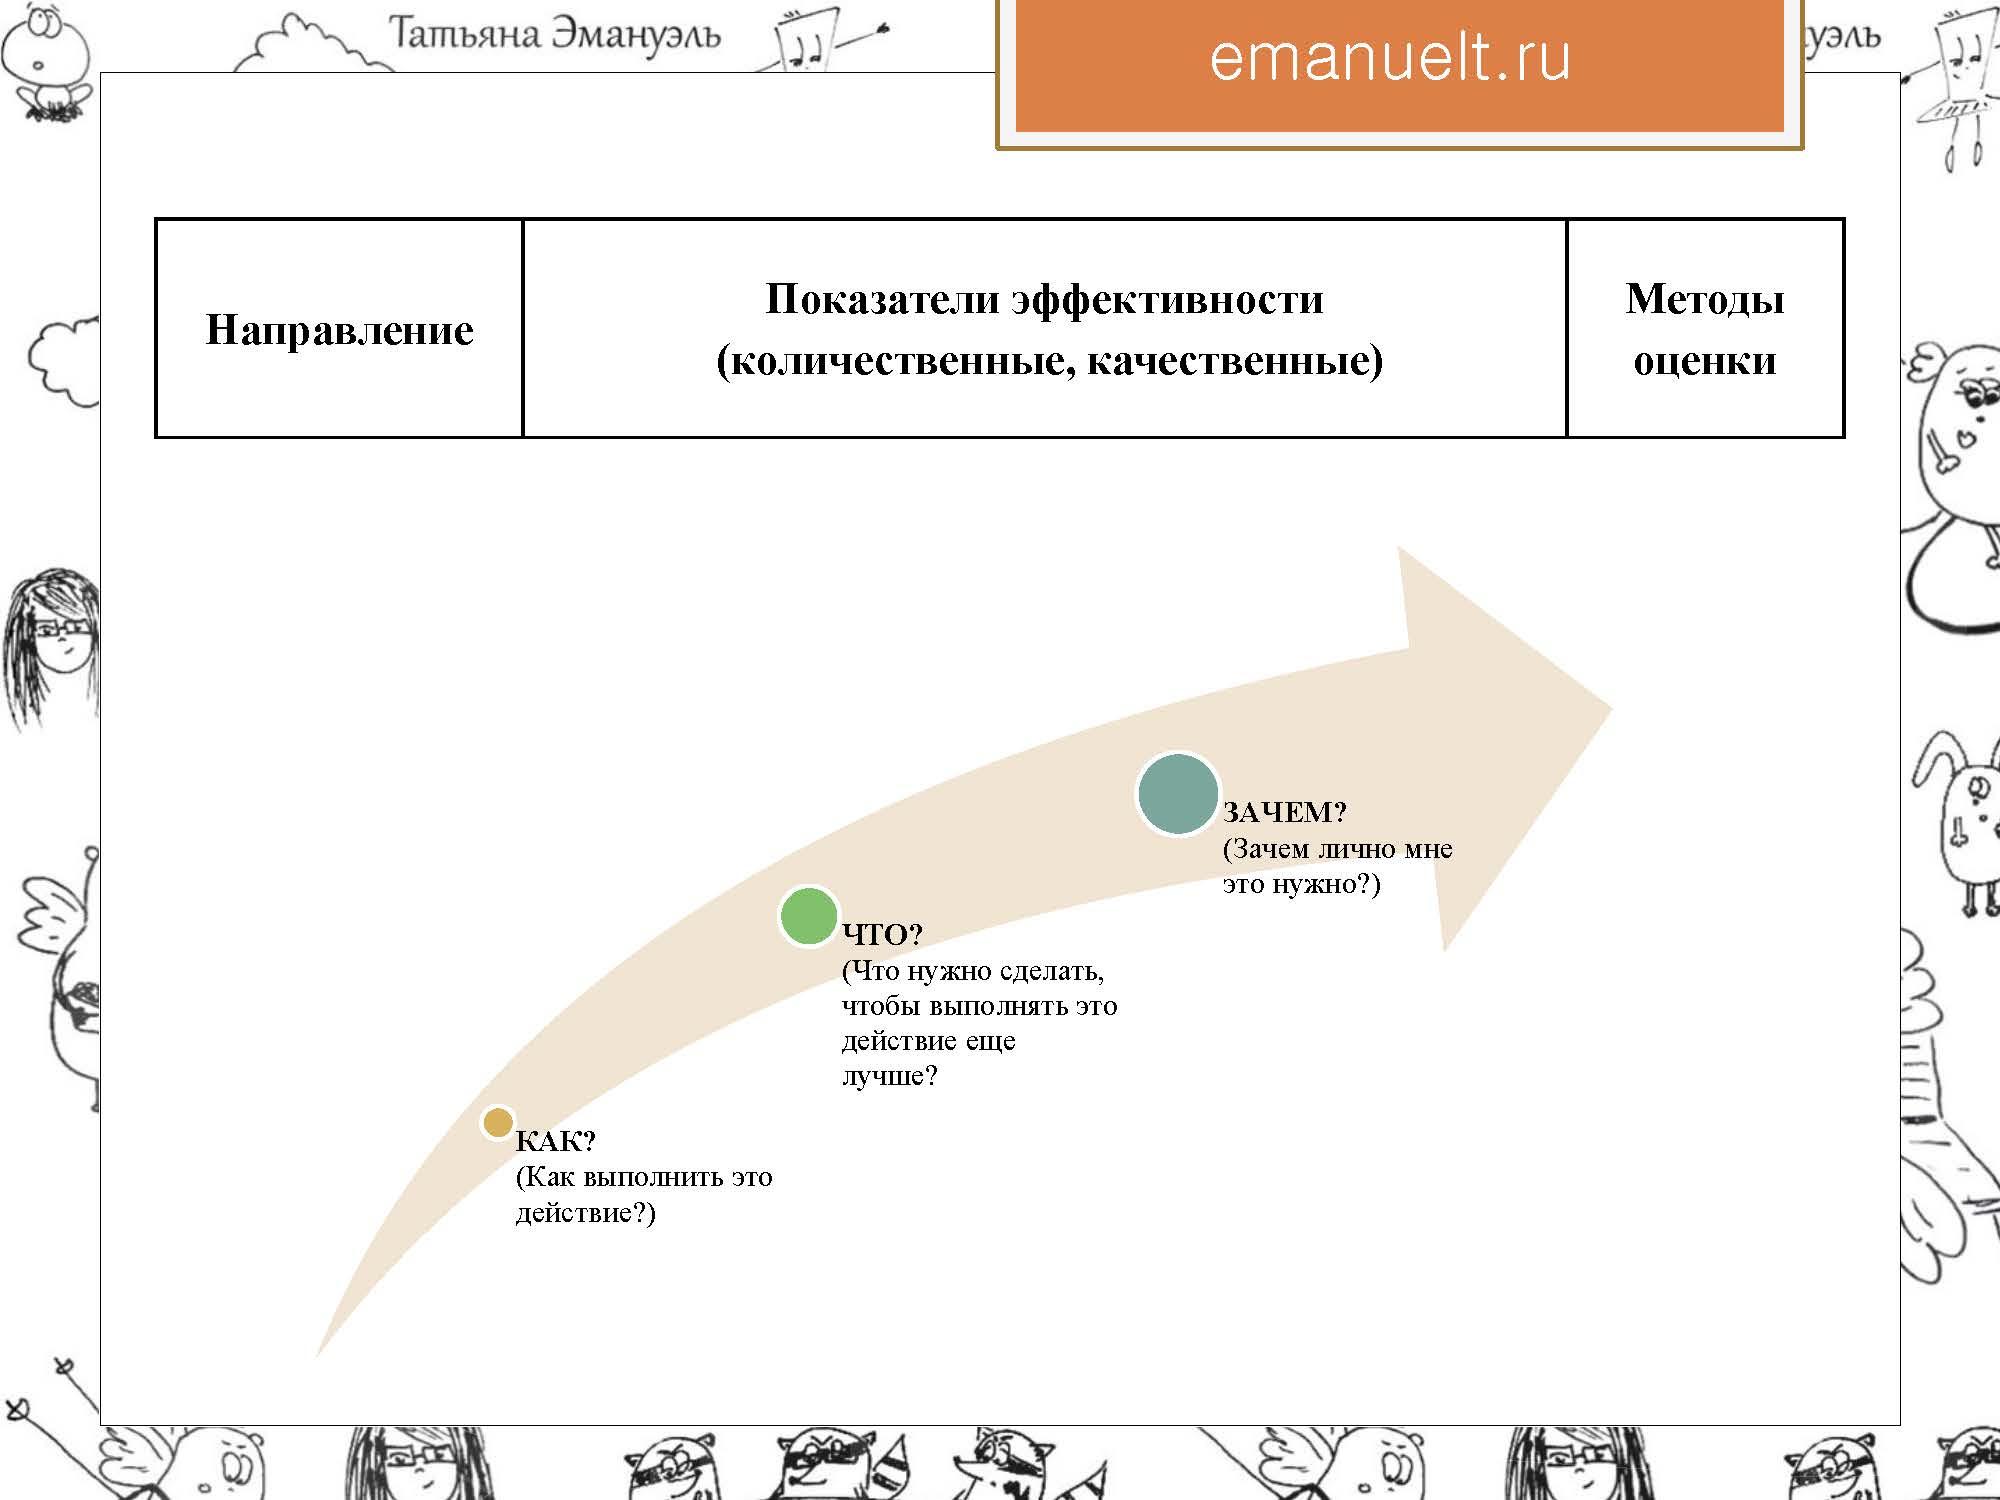 проектный эмануэль_Страница_76